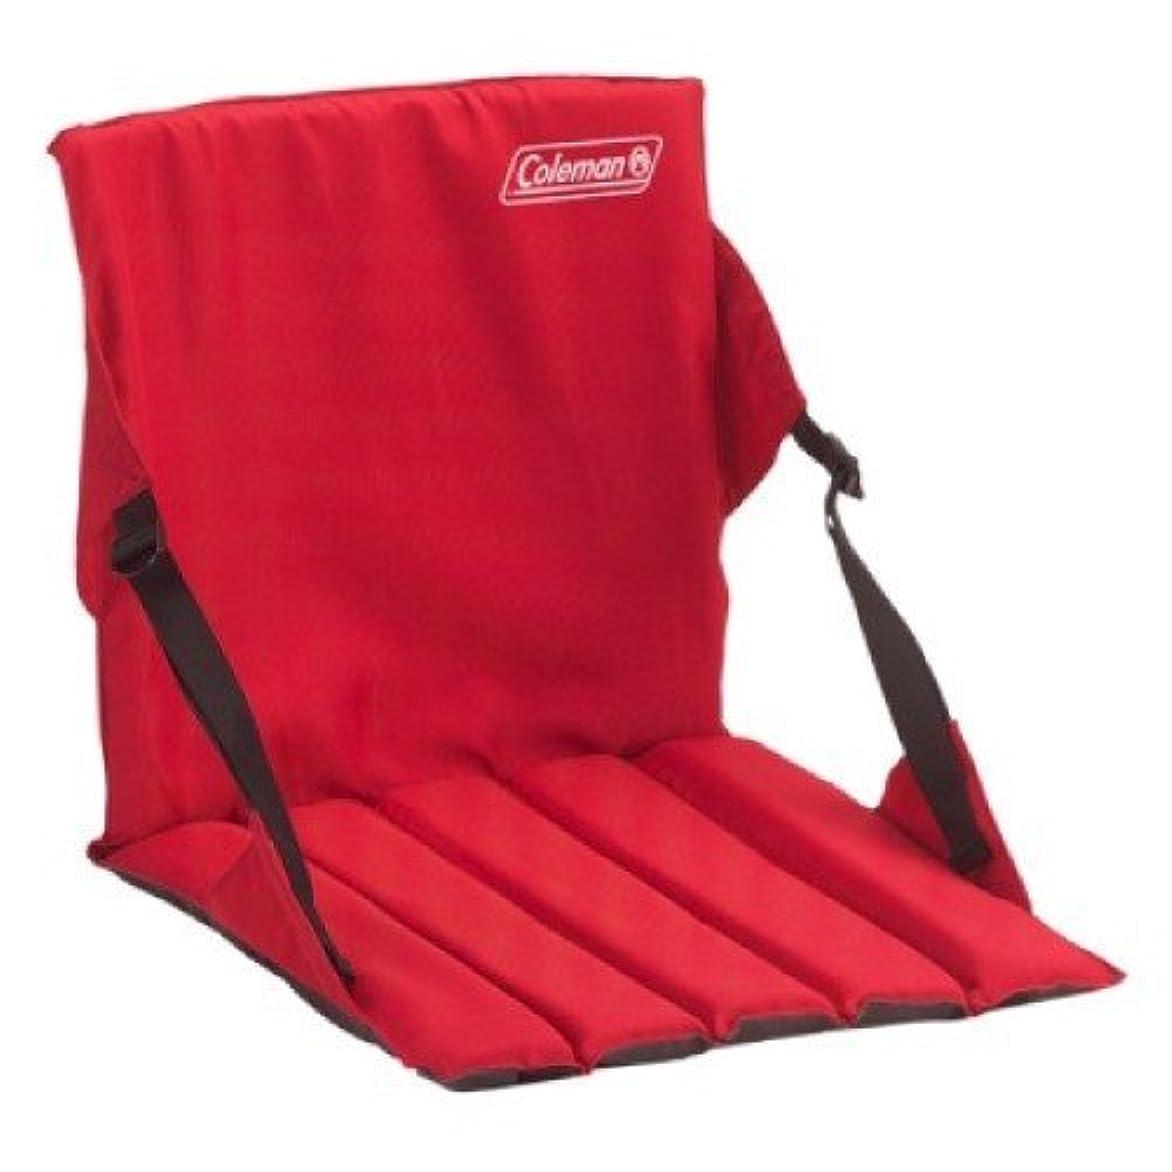 略語雇った変わるColeman Chair Stadium Seat Red 2000020265 [並行輸入品]